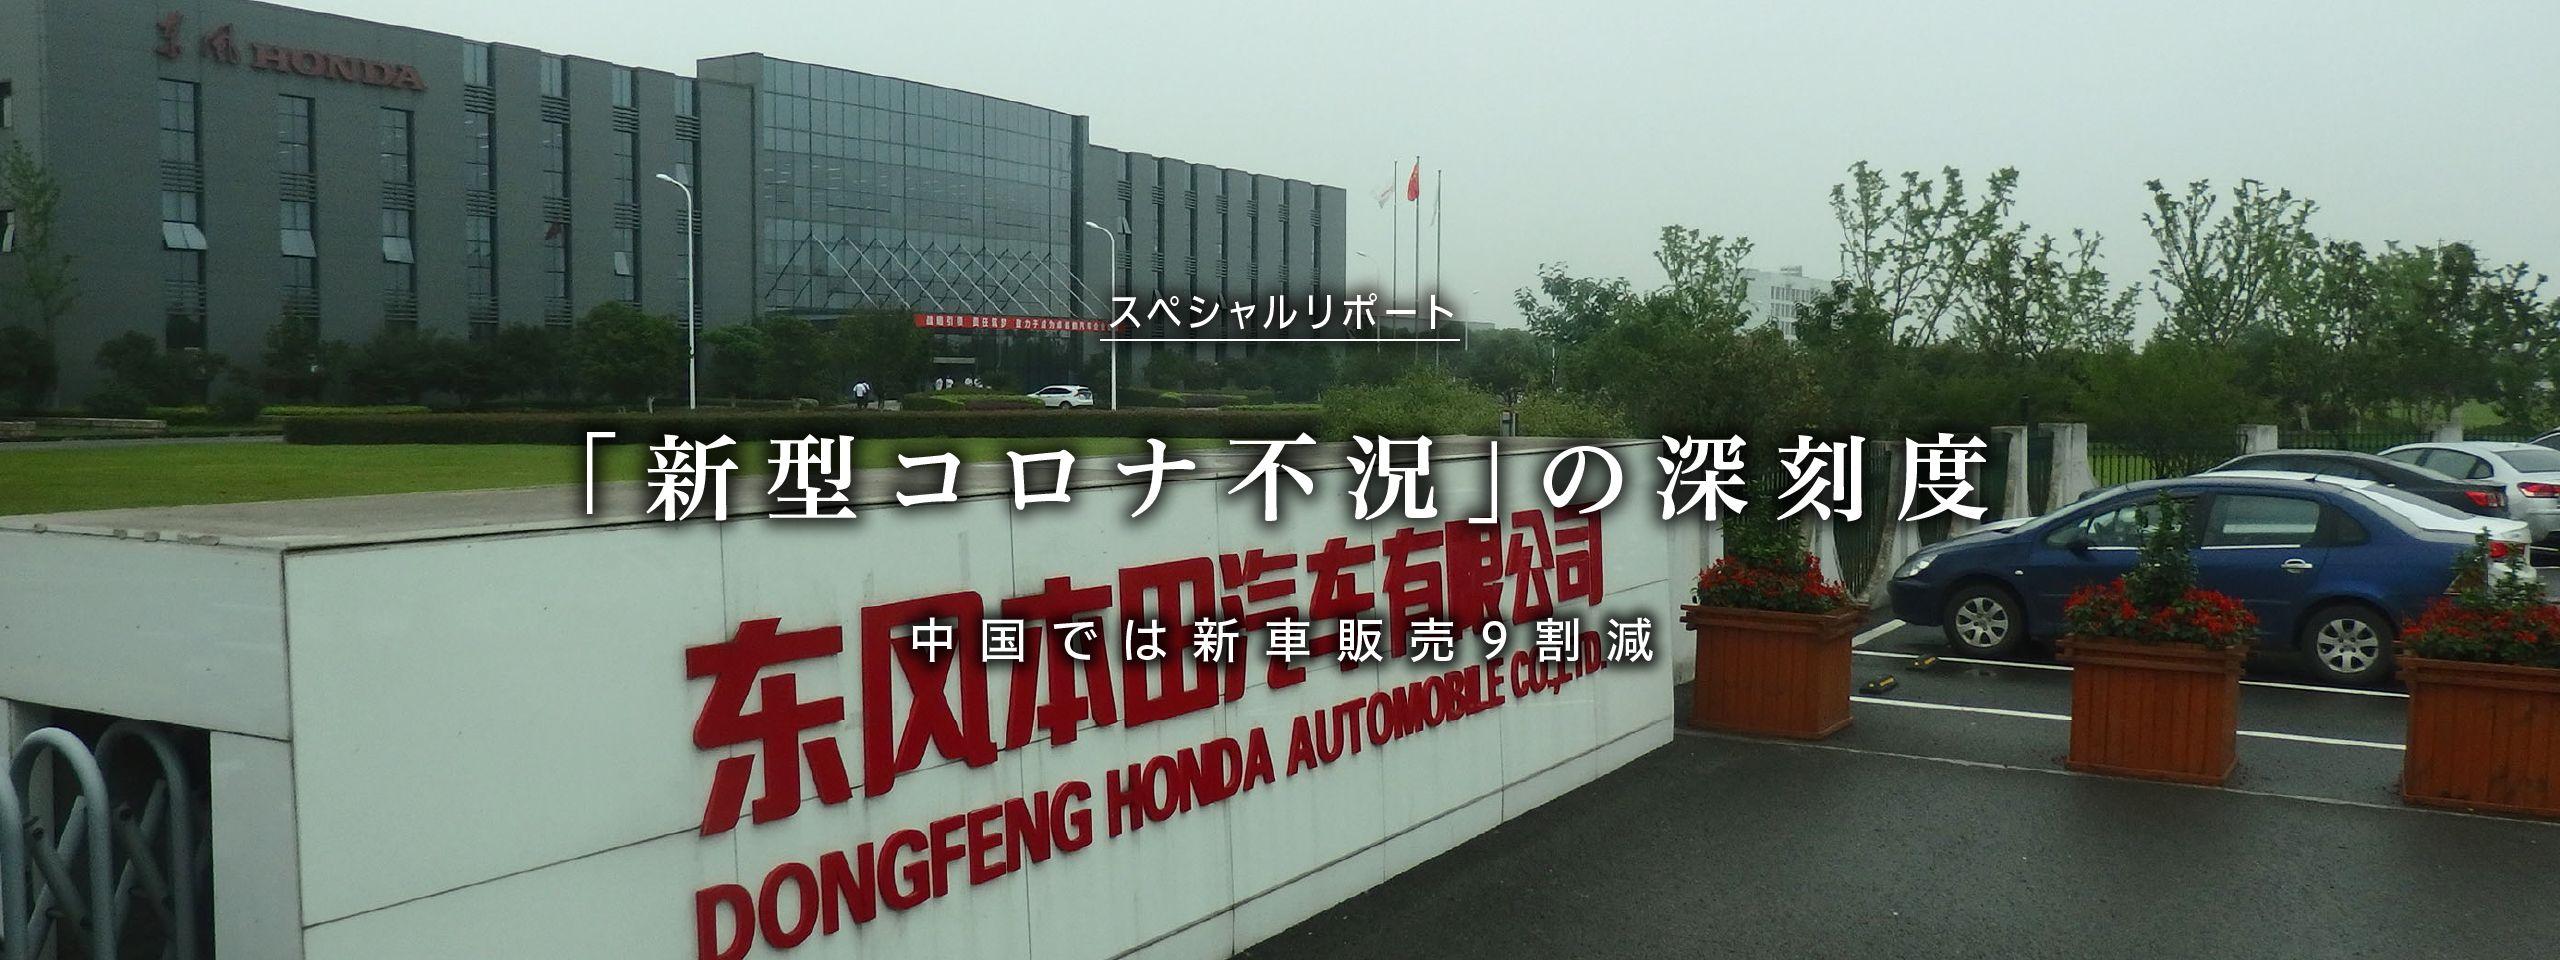 九州 コロナ 自動車 日産 日産自動車九州従業員 新型コロナ感染。